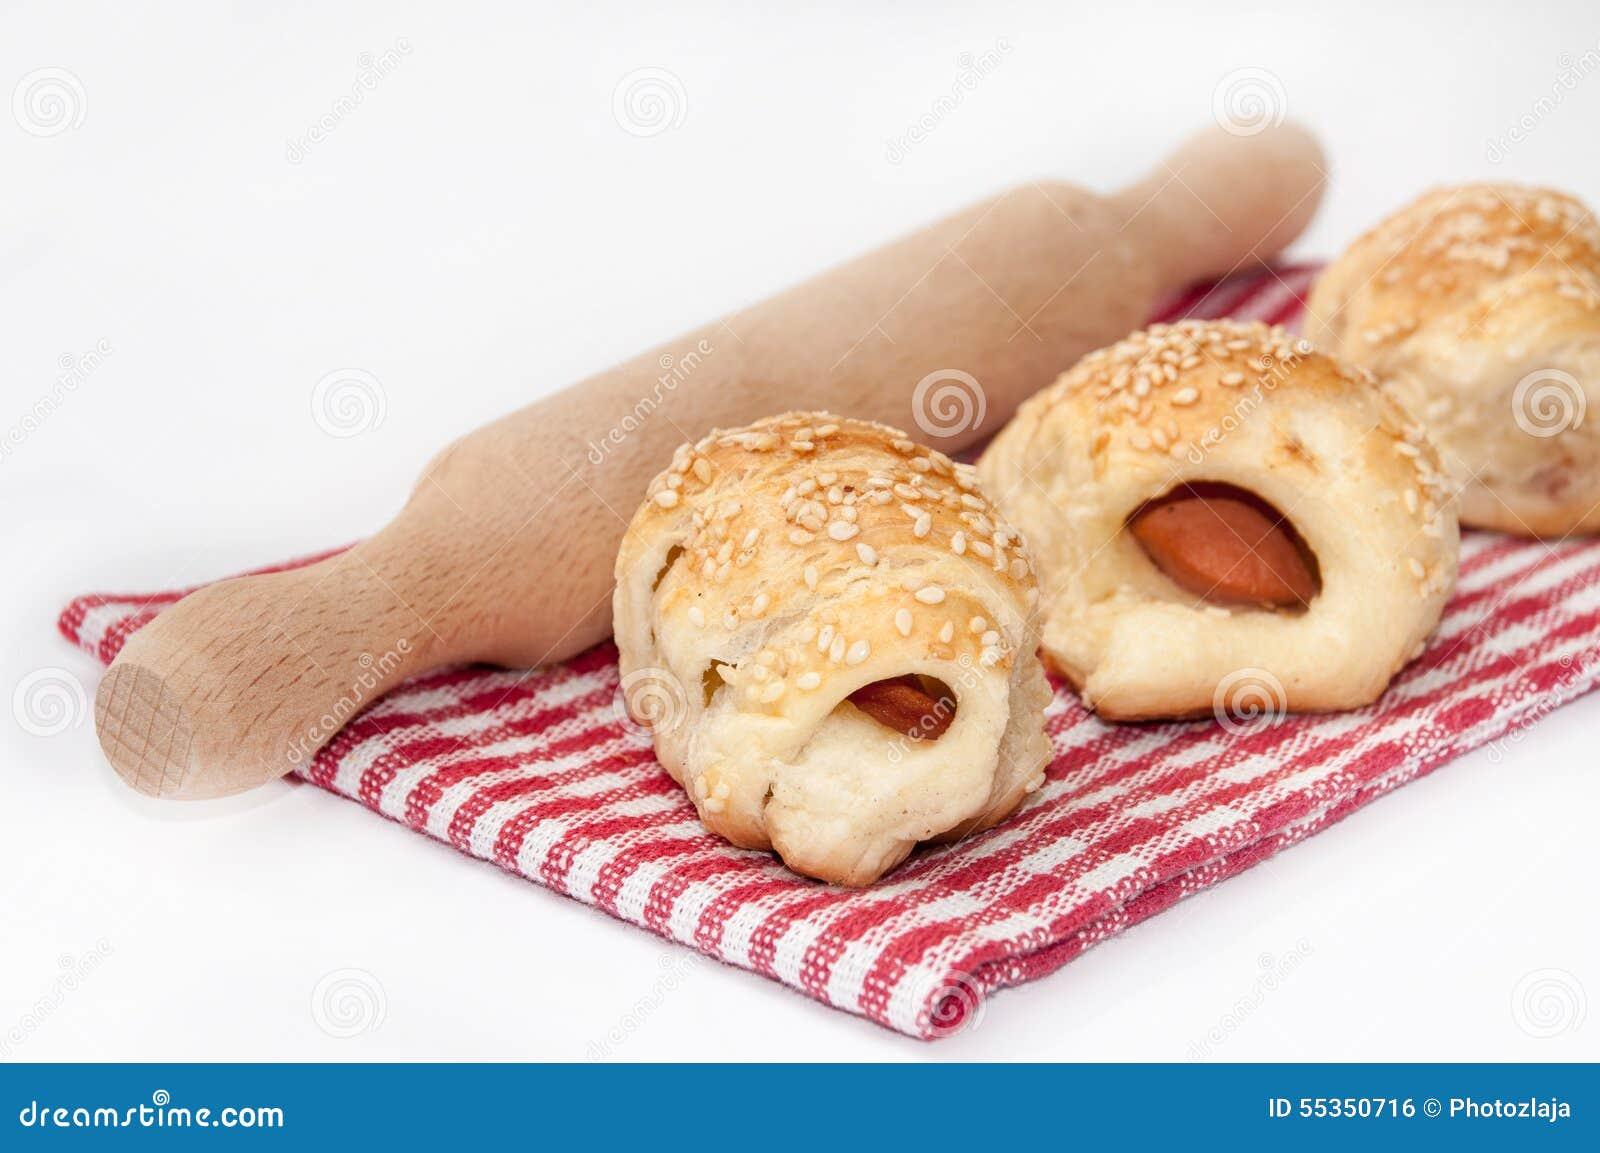 Pasta e matterello sfoglia sulla tovaglia